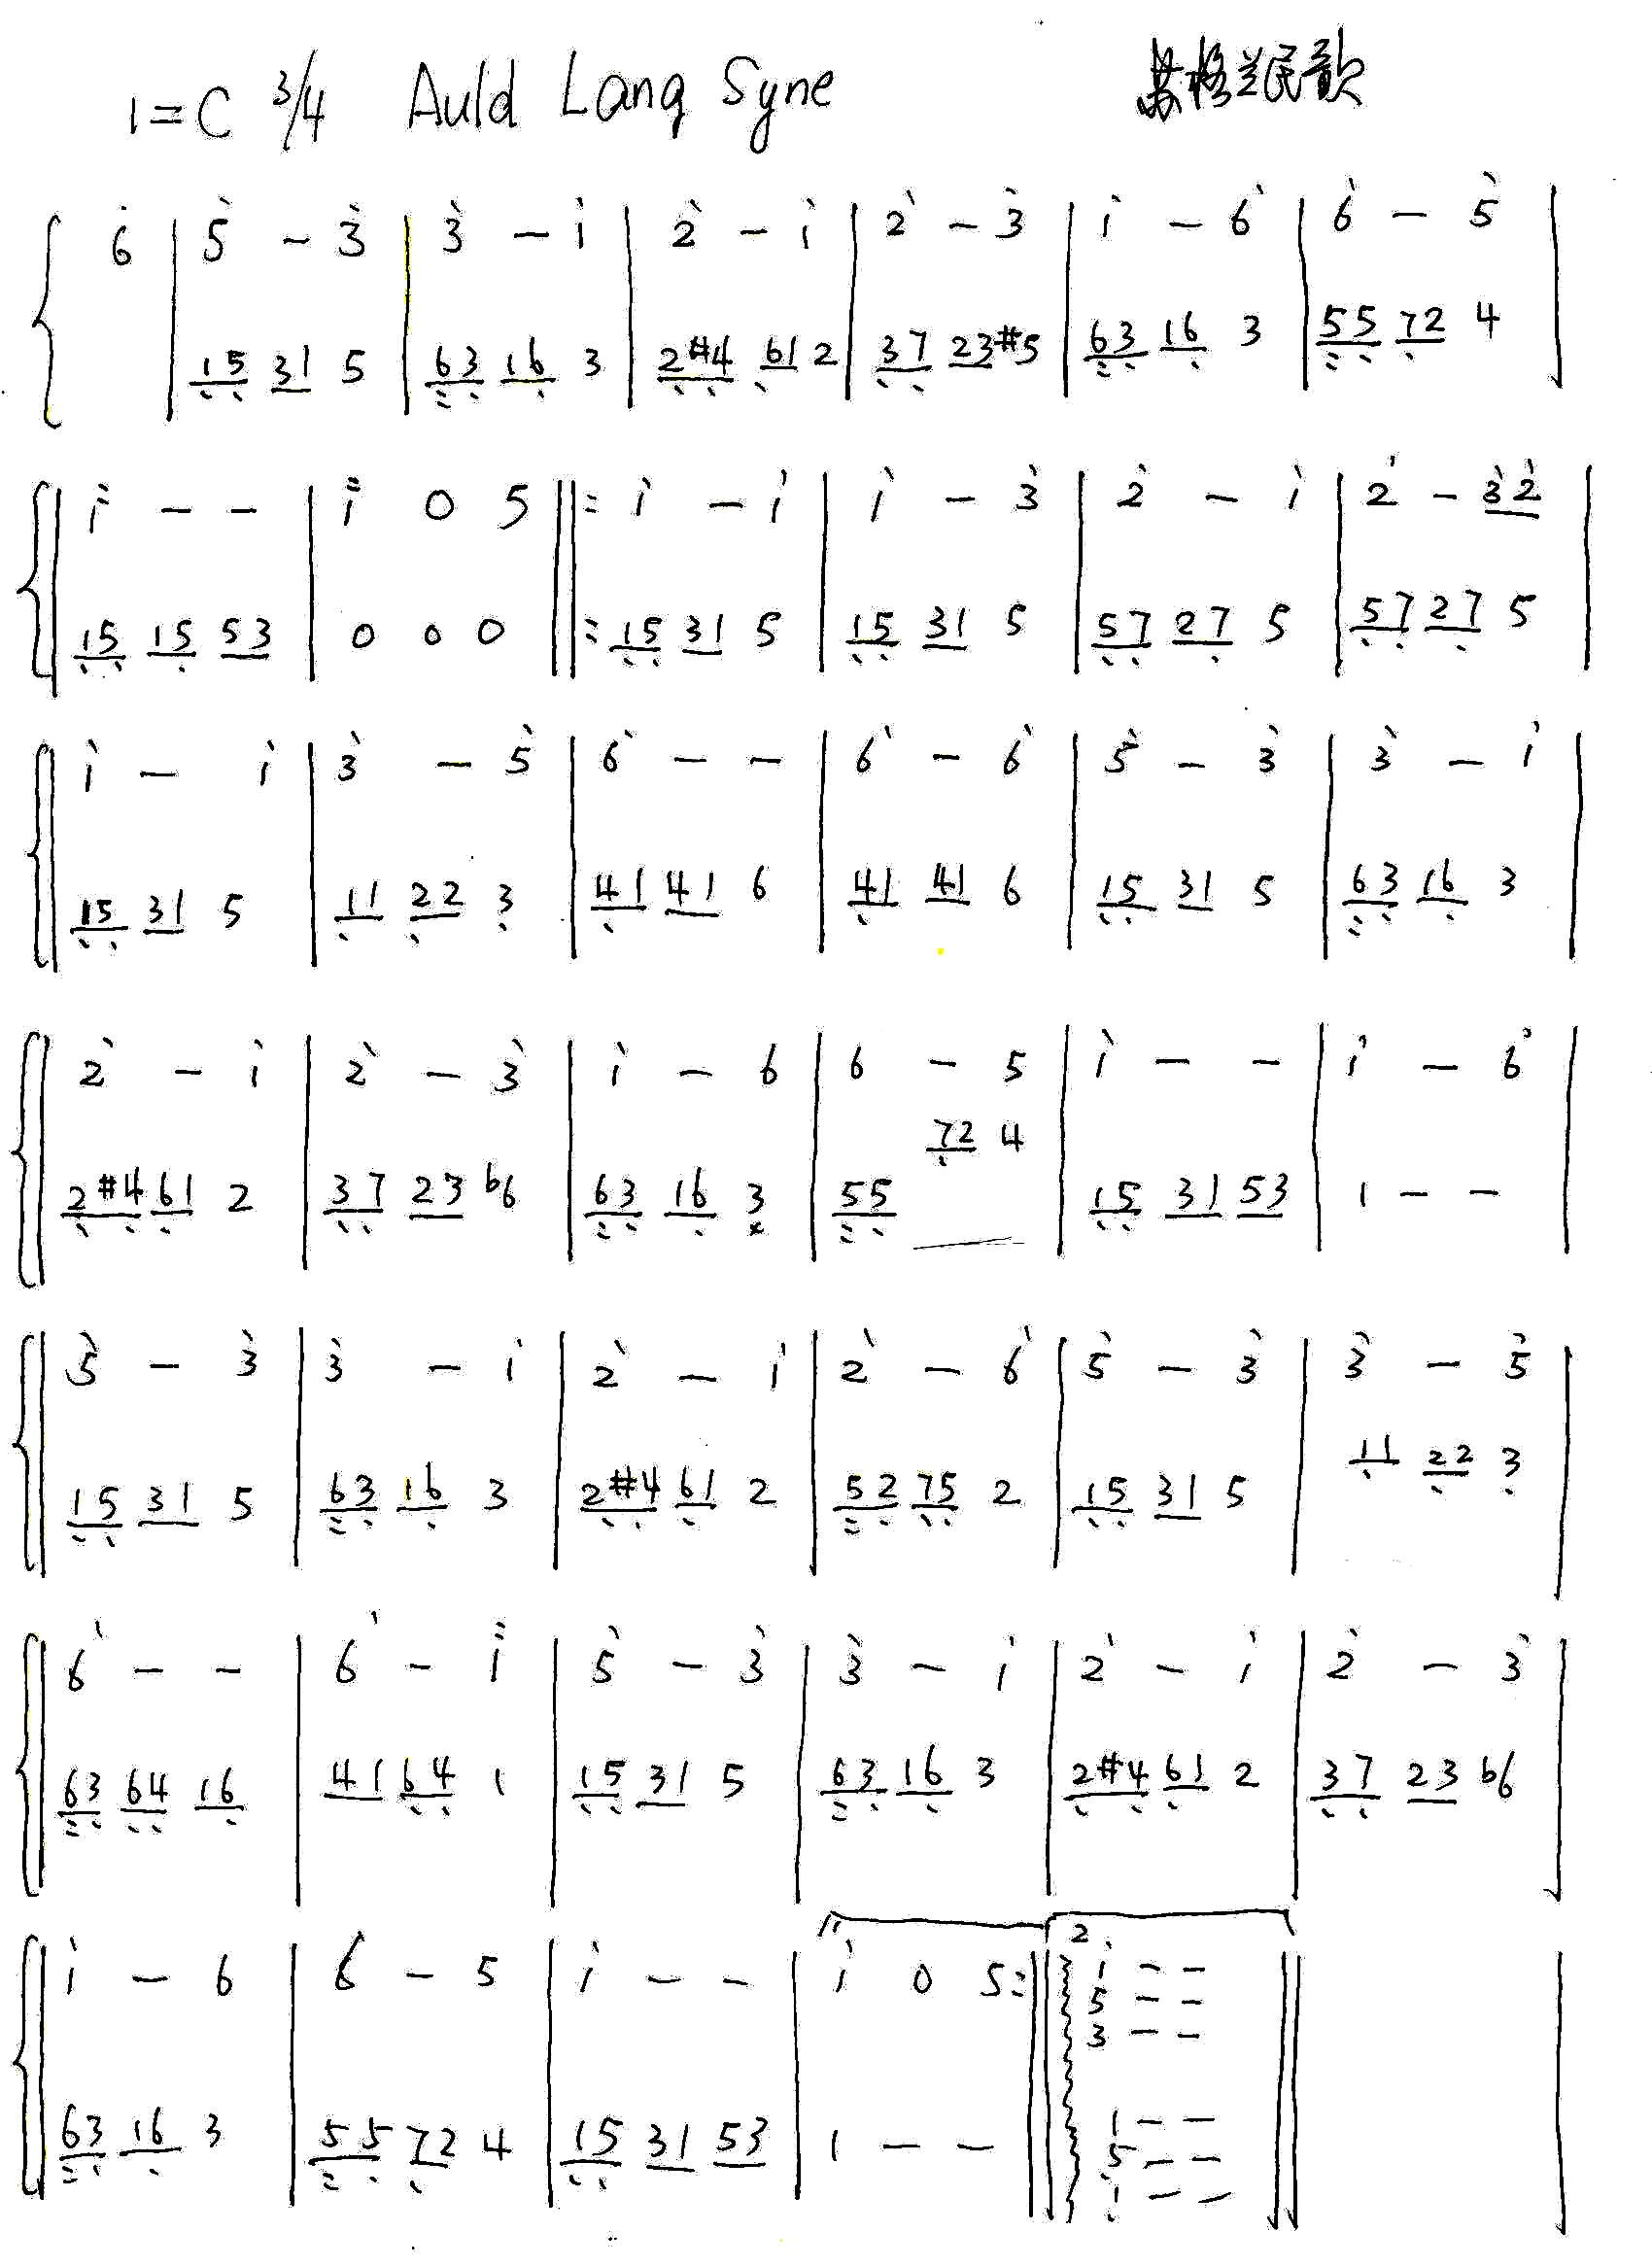 友谊地久天长 钢琴谱(伴奏) 要求是c大调 好的再加分